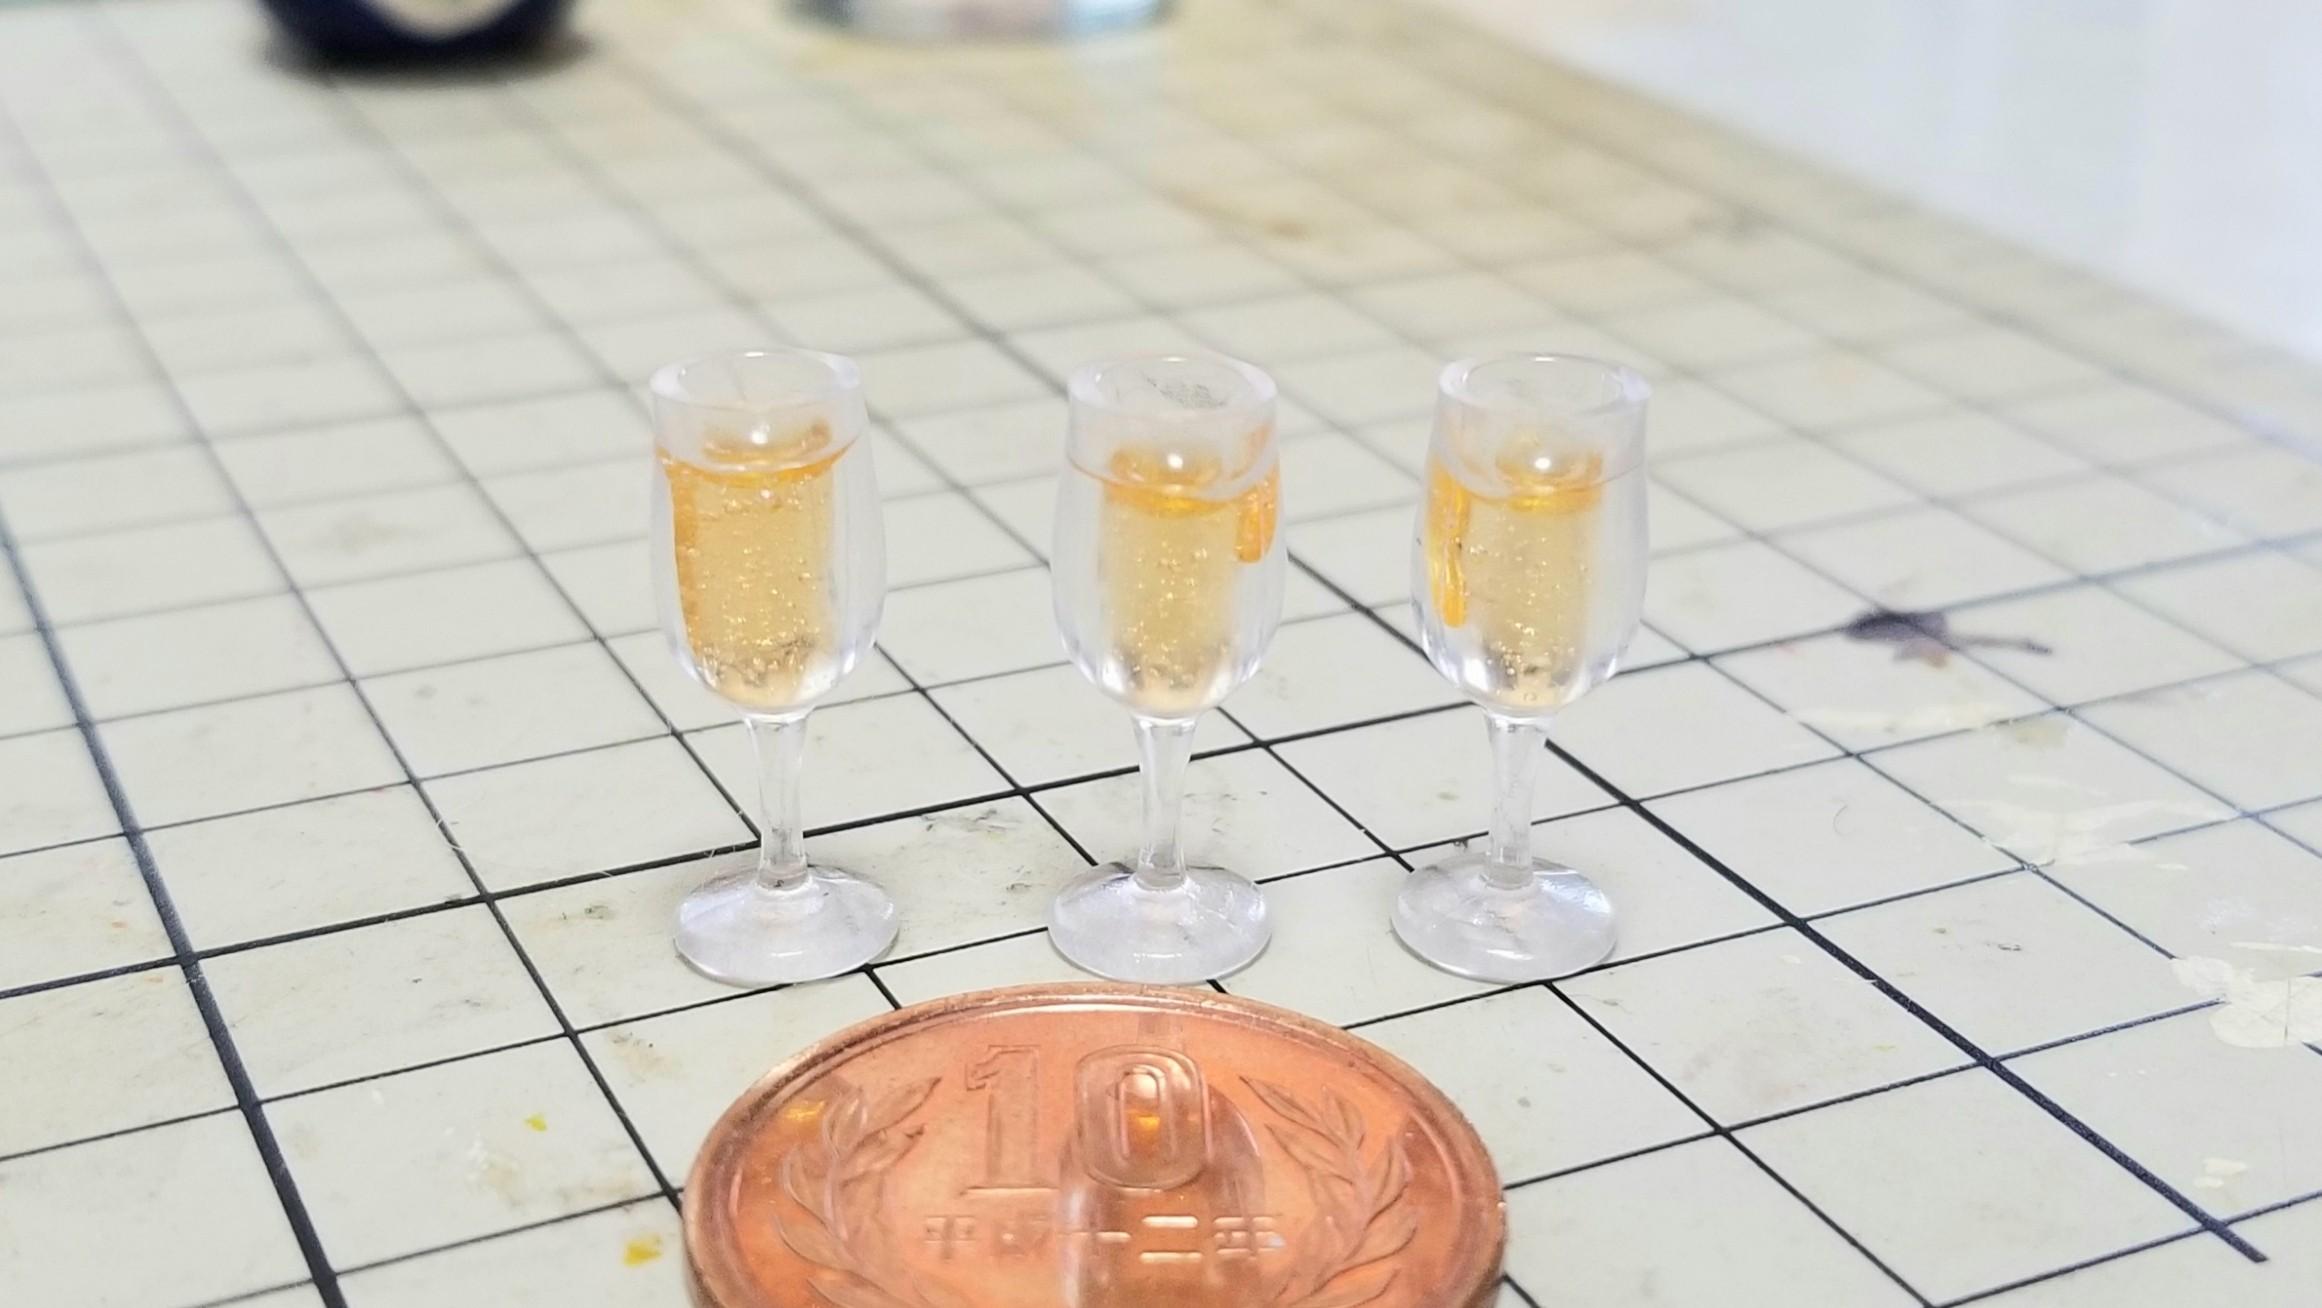 ミニチュアフードシャンパンワイン飲み物おいしいドール用品小物人気